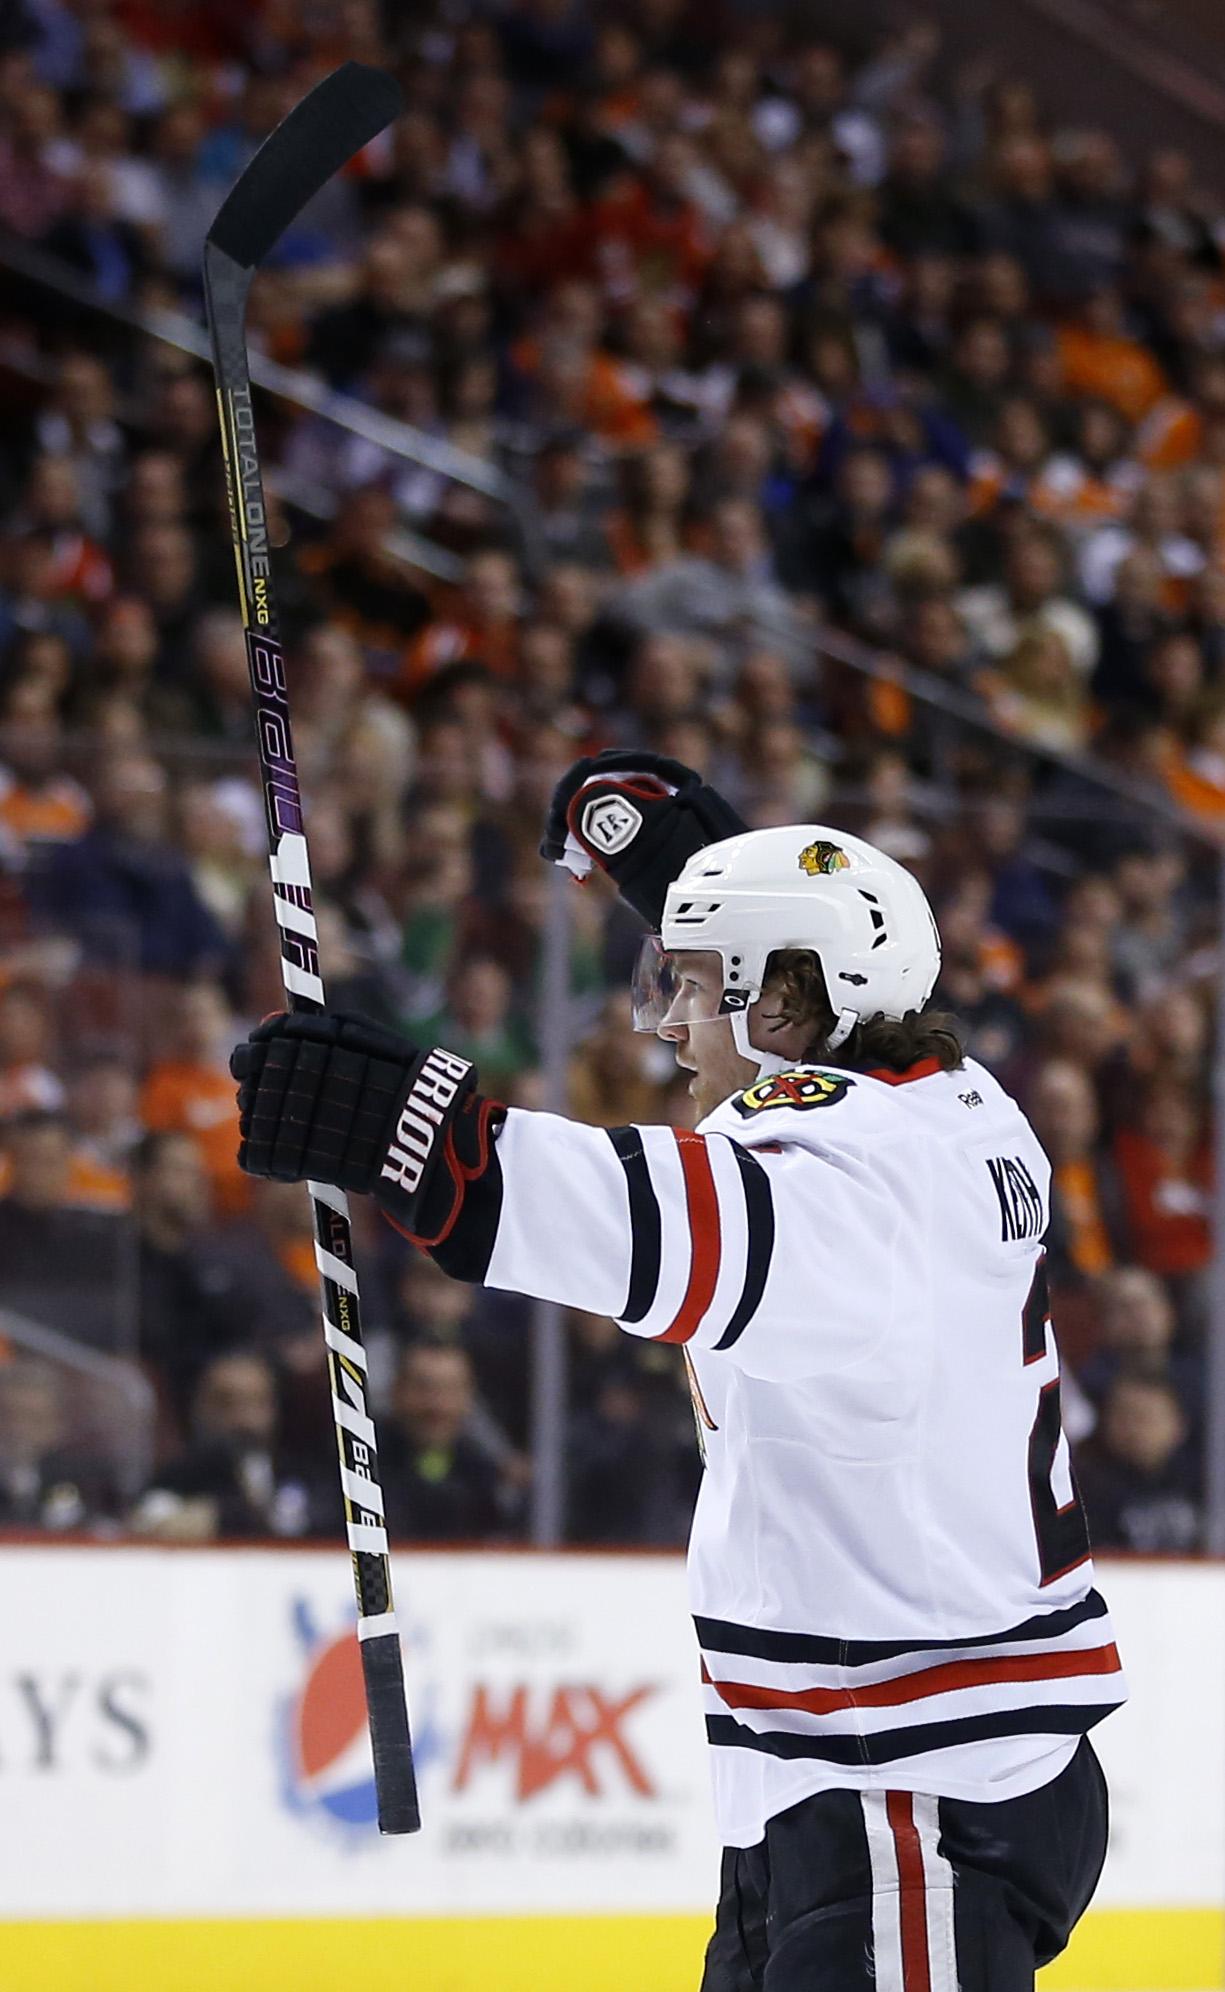 Flyers edge Blackhawks 3-2 in OT